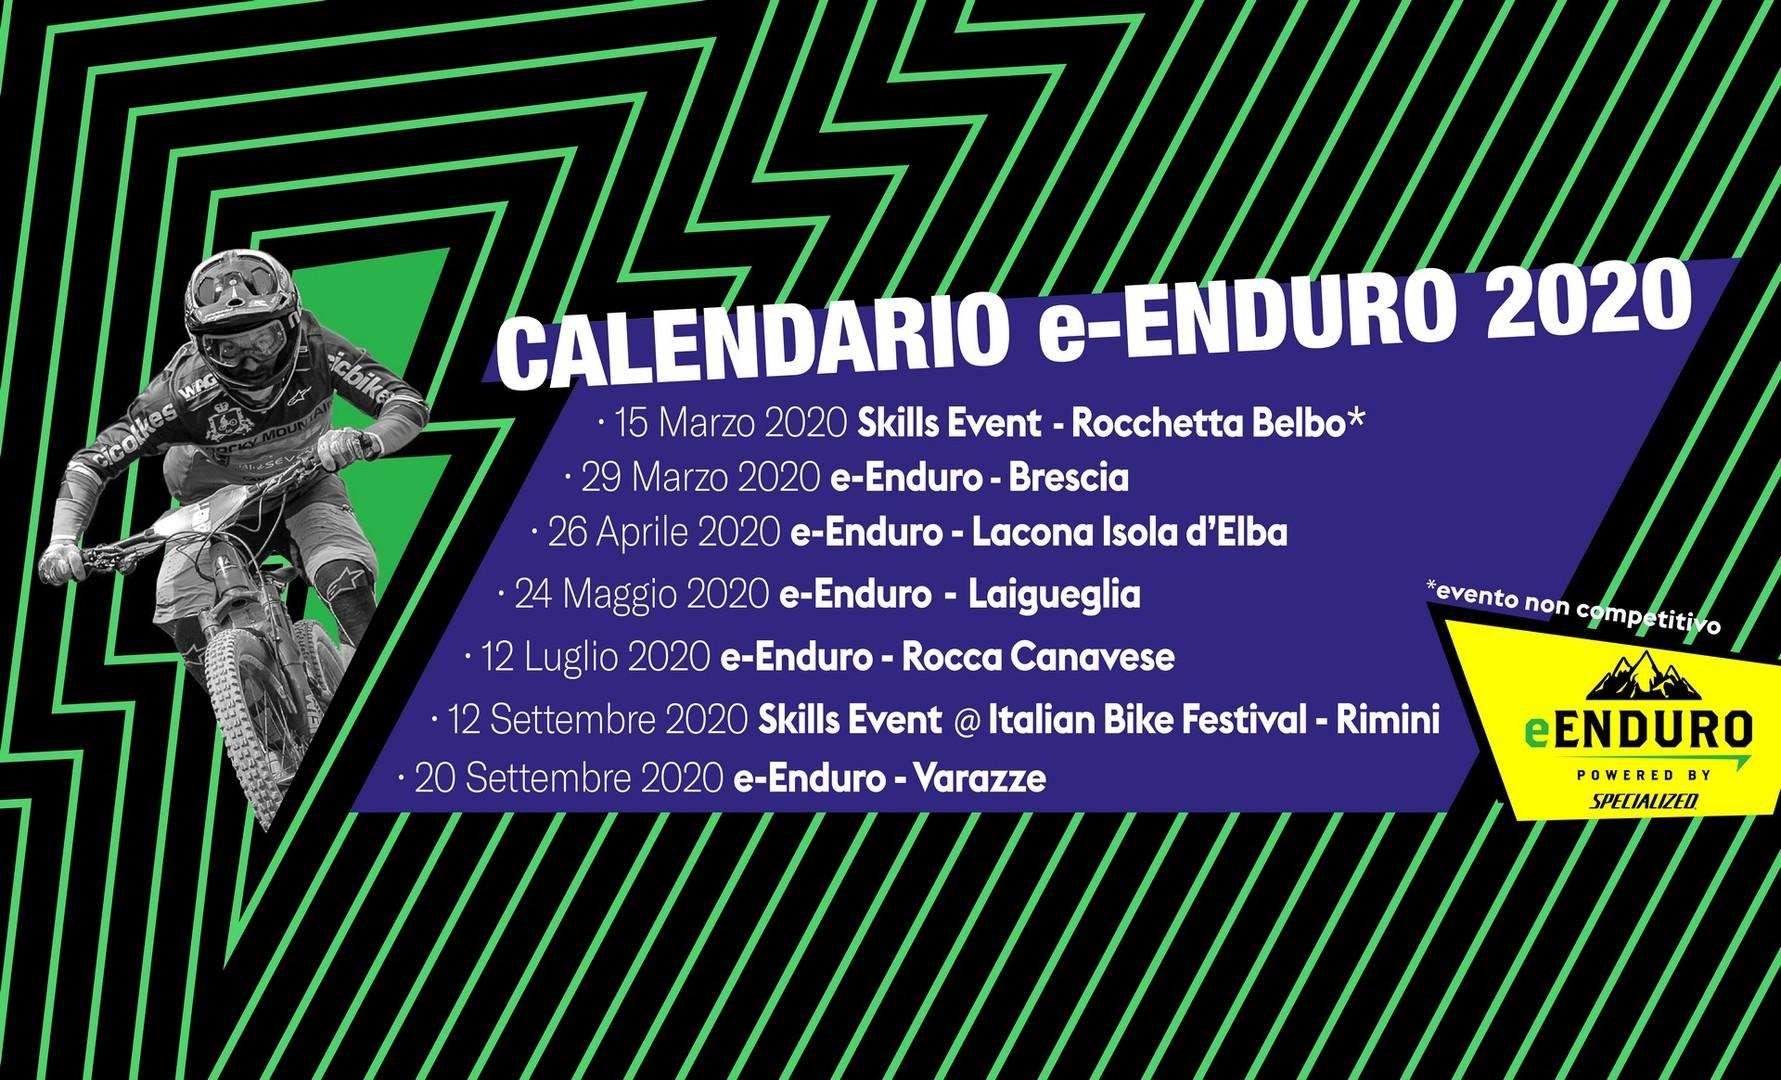 e-Enduro calendario 2020